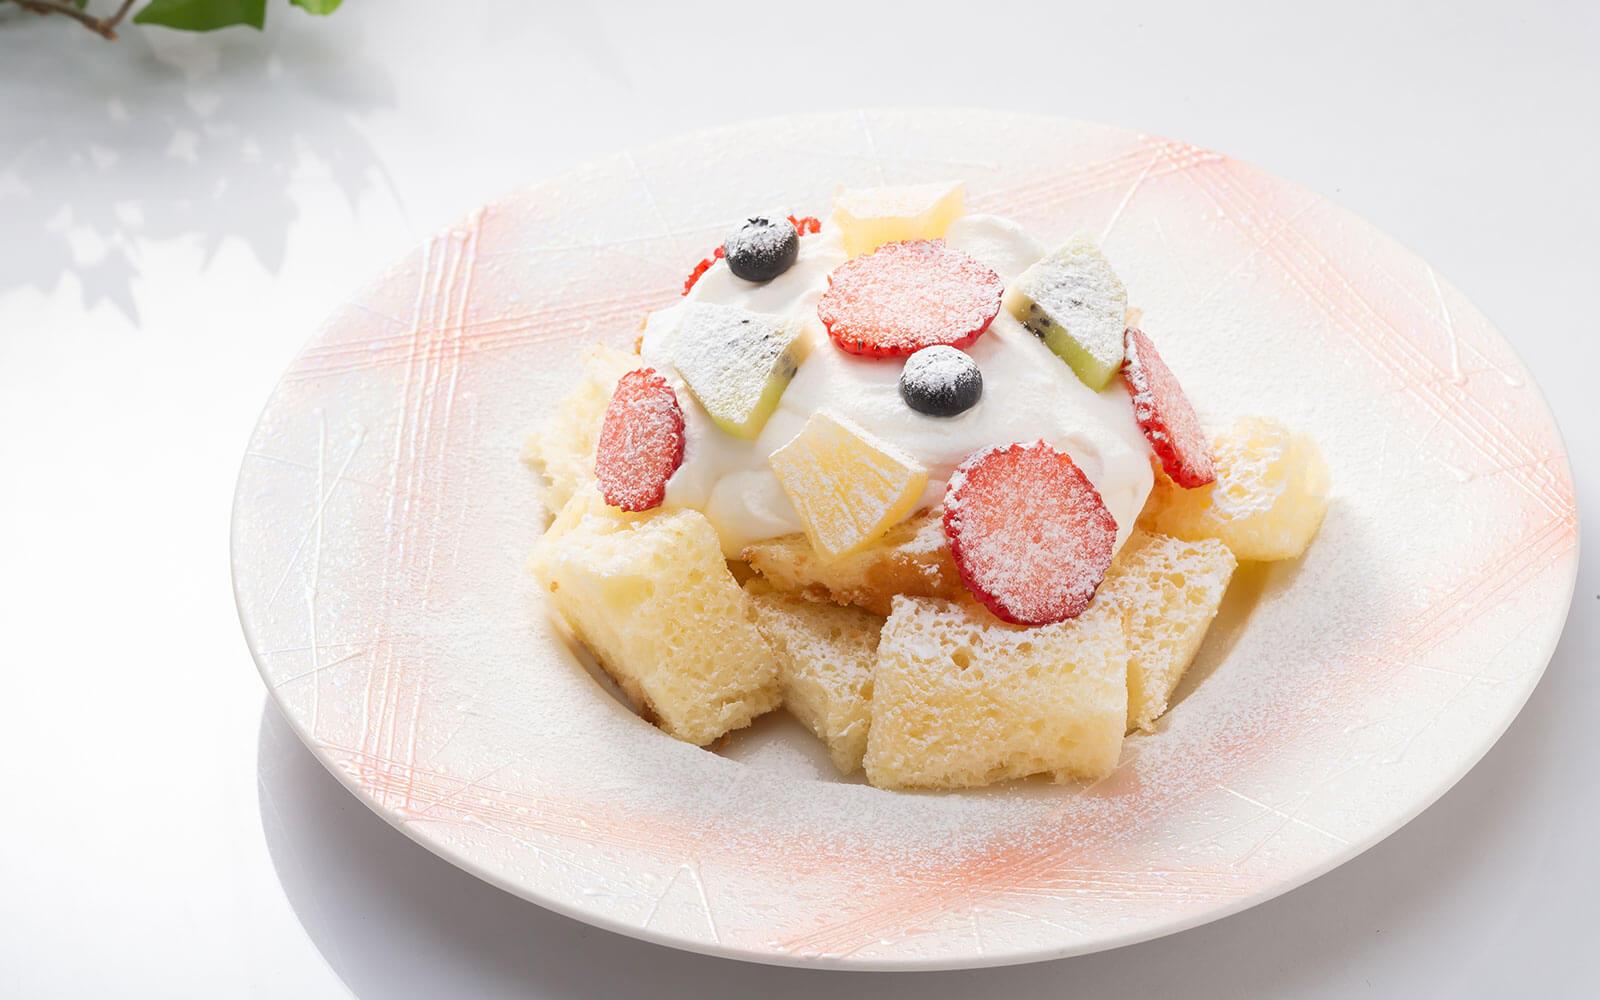 ミュー風ショートケーキ